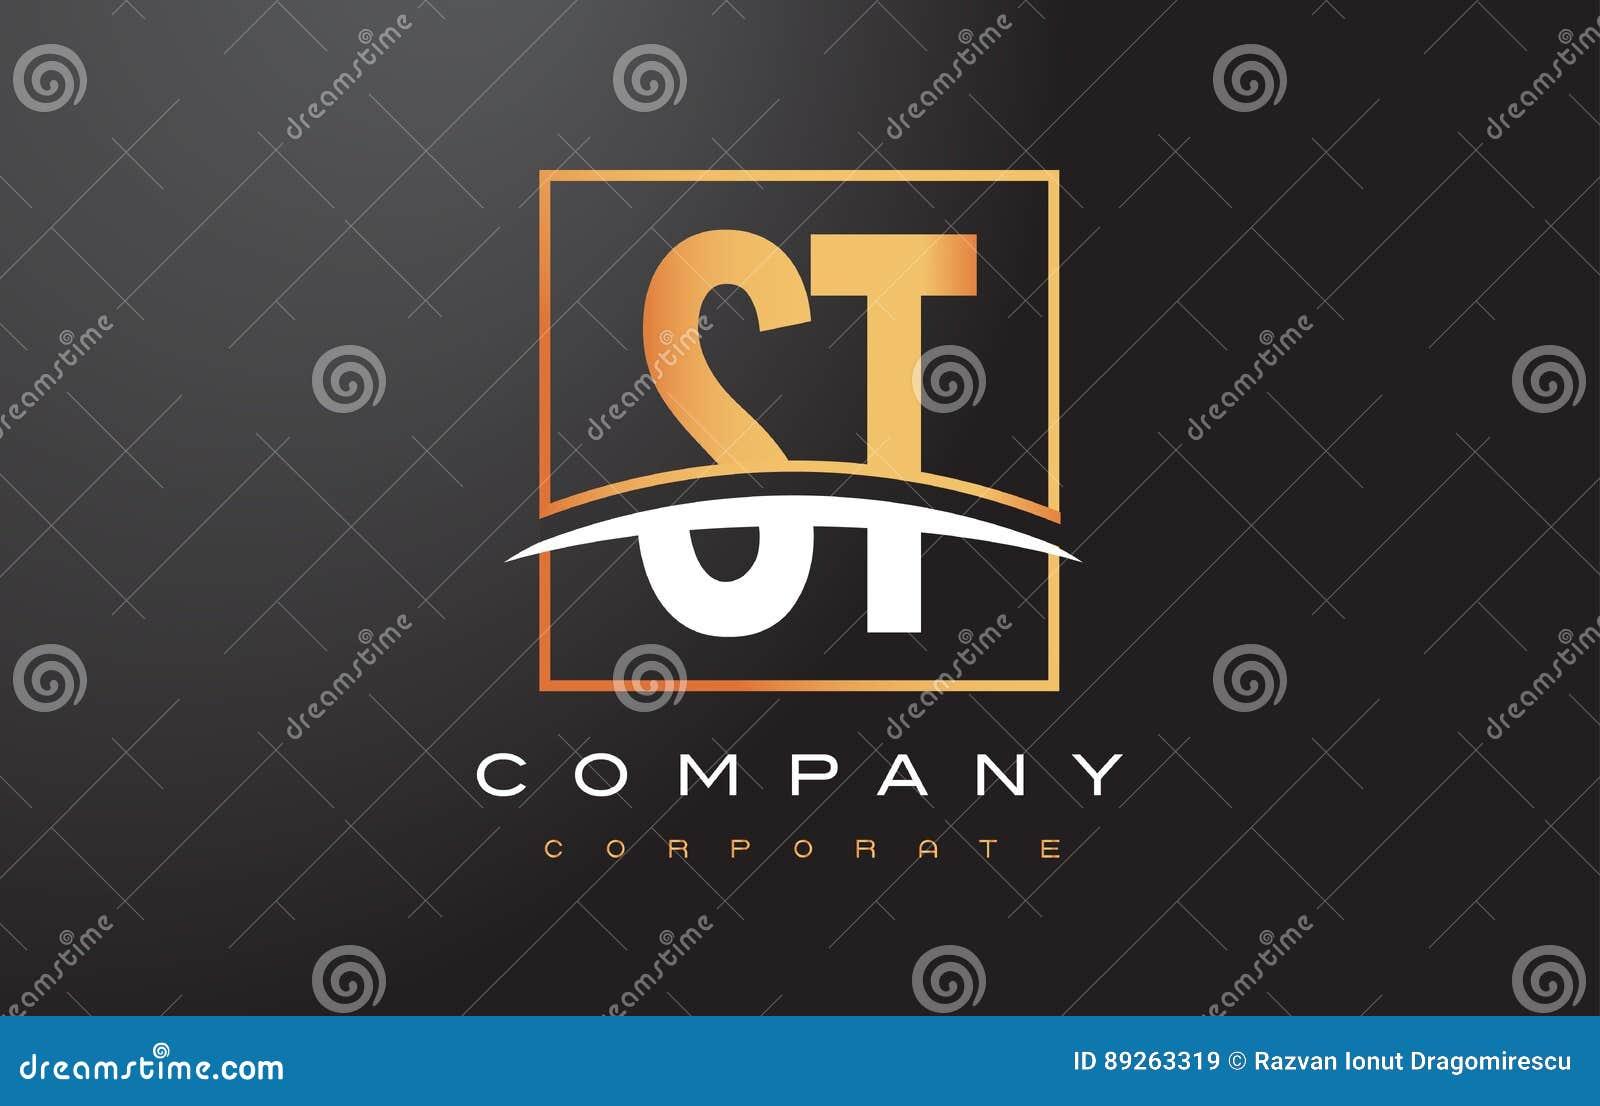 Χρυσό σχέδιο λογότυπων επιστολών του ST S Τ με το χρυσά τετράγωνο και Swoosh